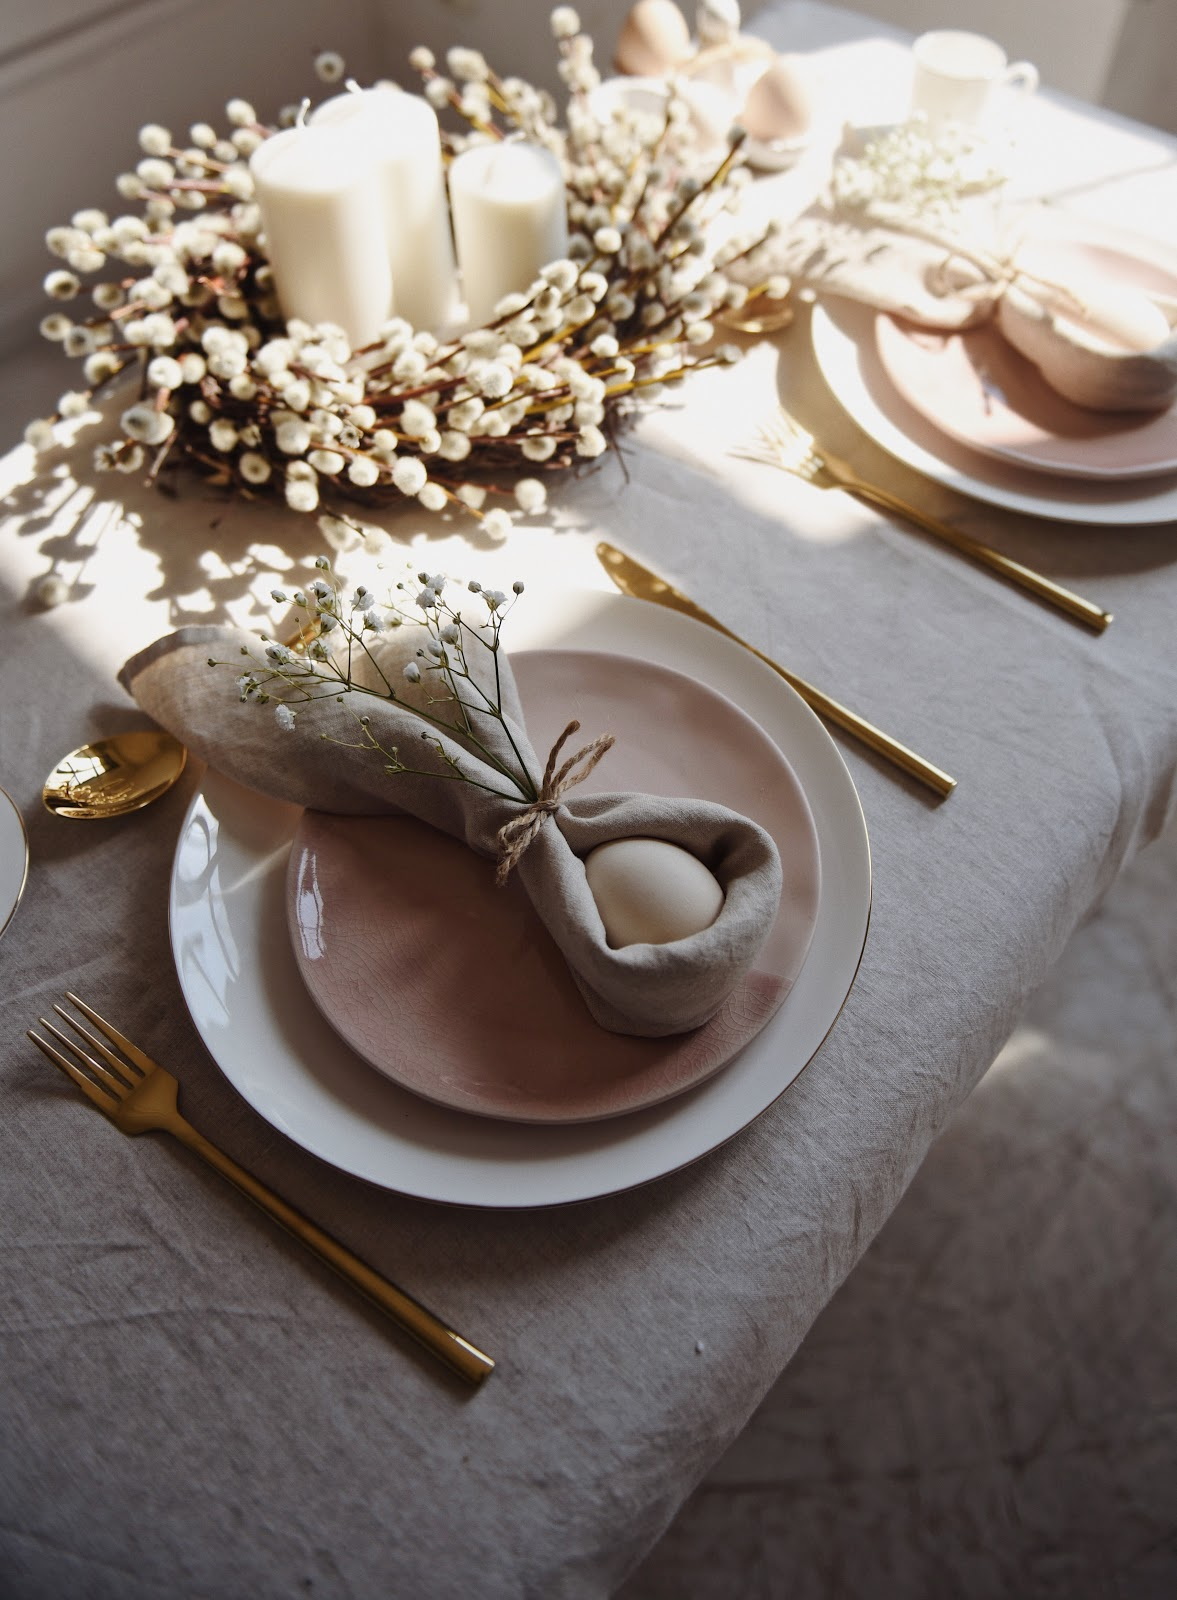 Wielkanocny stół – moja propozycja